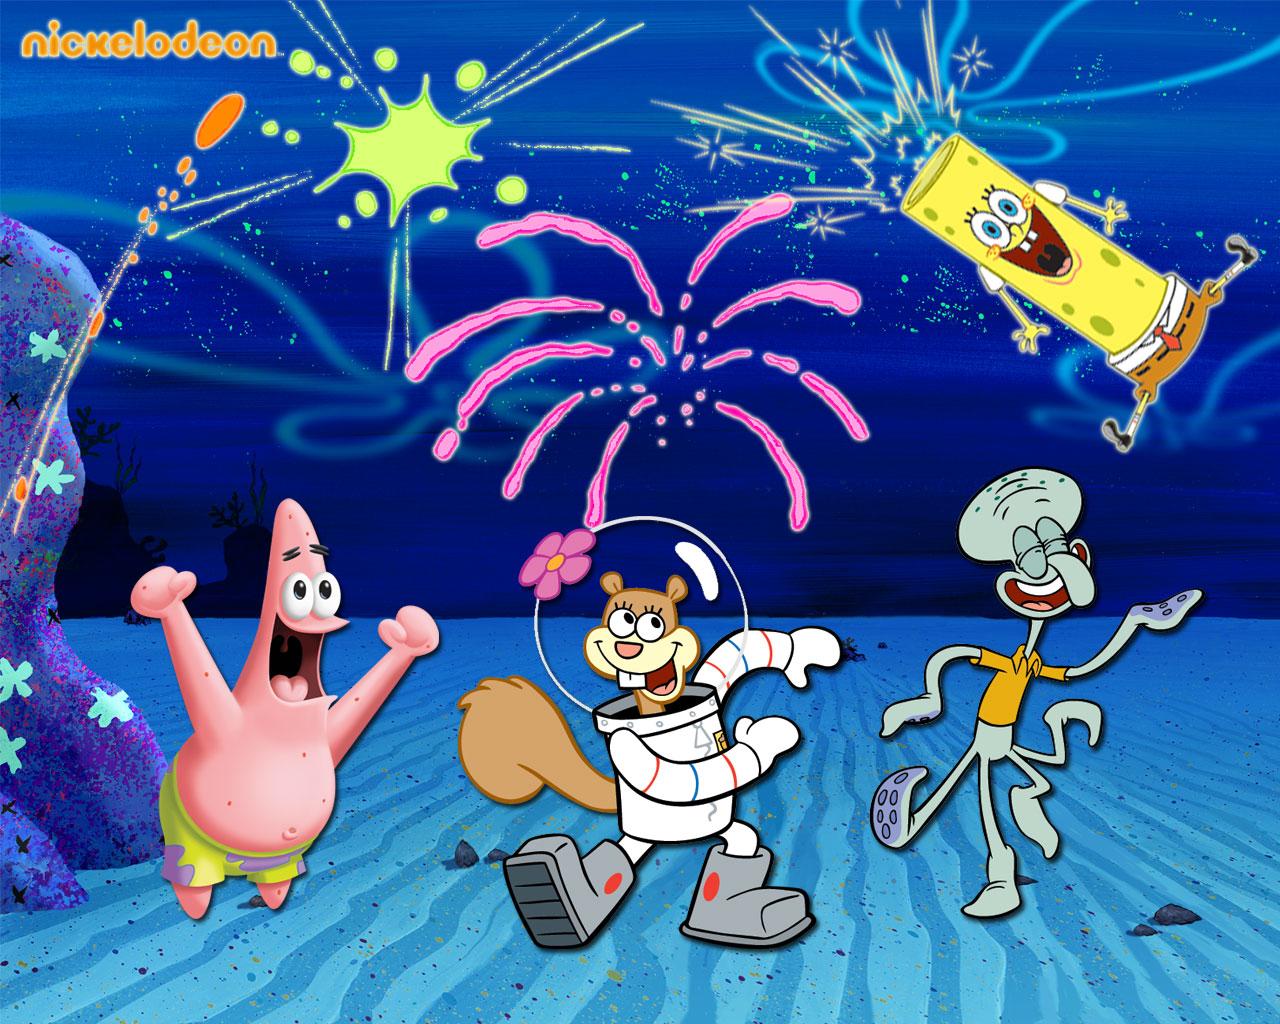 Spongebob Firework - Spongebob Firework